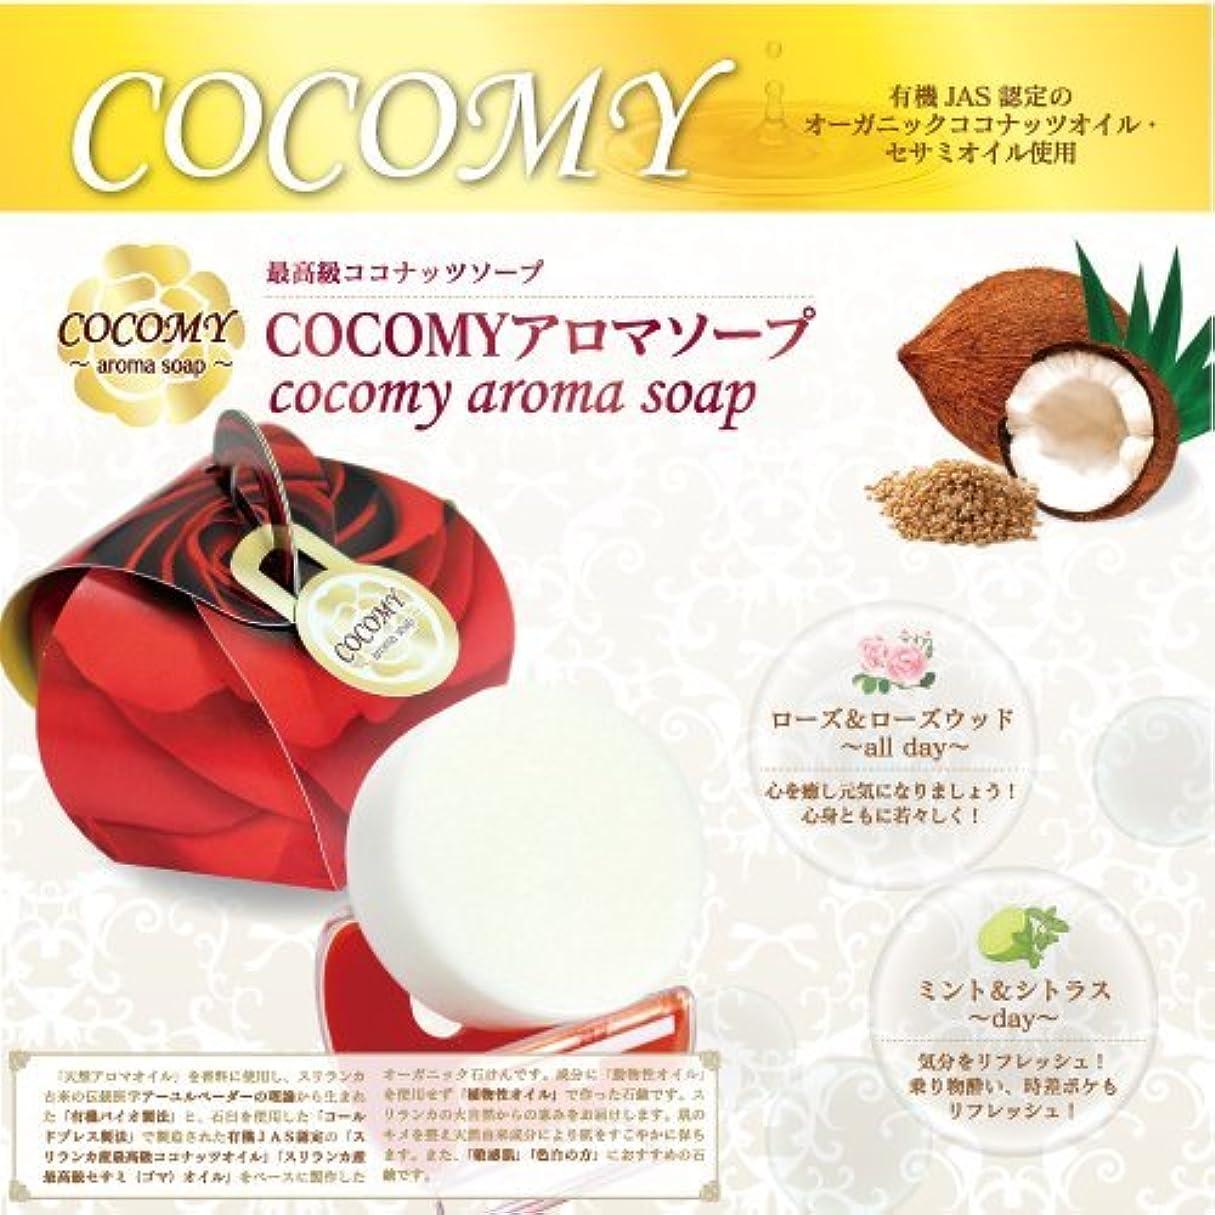 納税者鹿うんCOCOMY aromaソープ 4個セット (ミント&シトラス)(ローズ&ローズウッド) 40g×各2